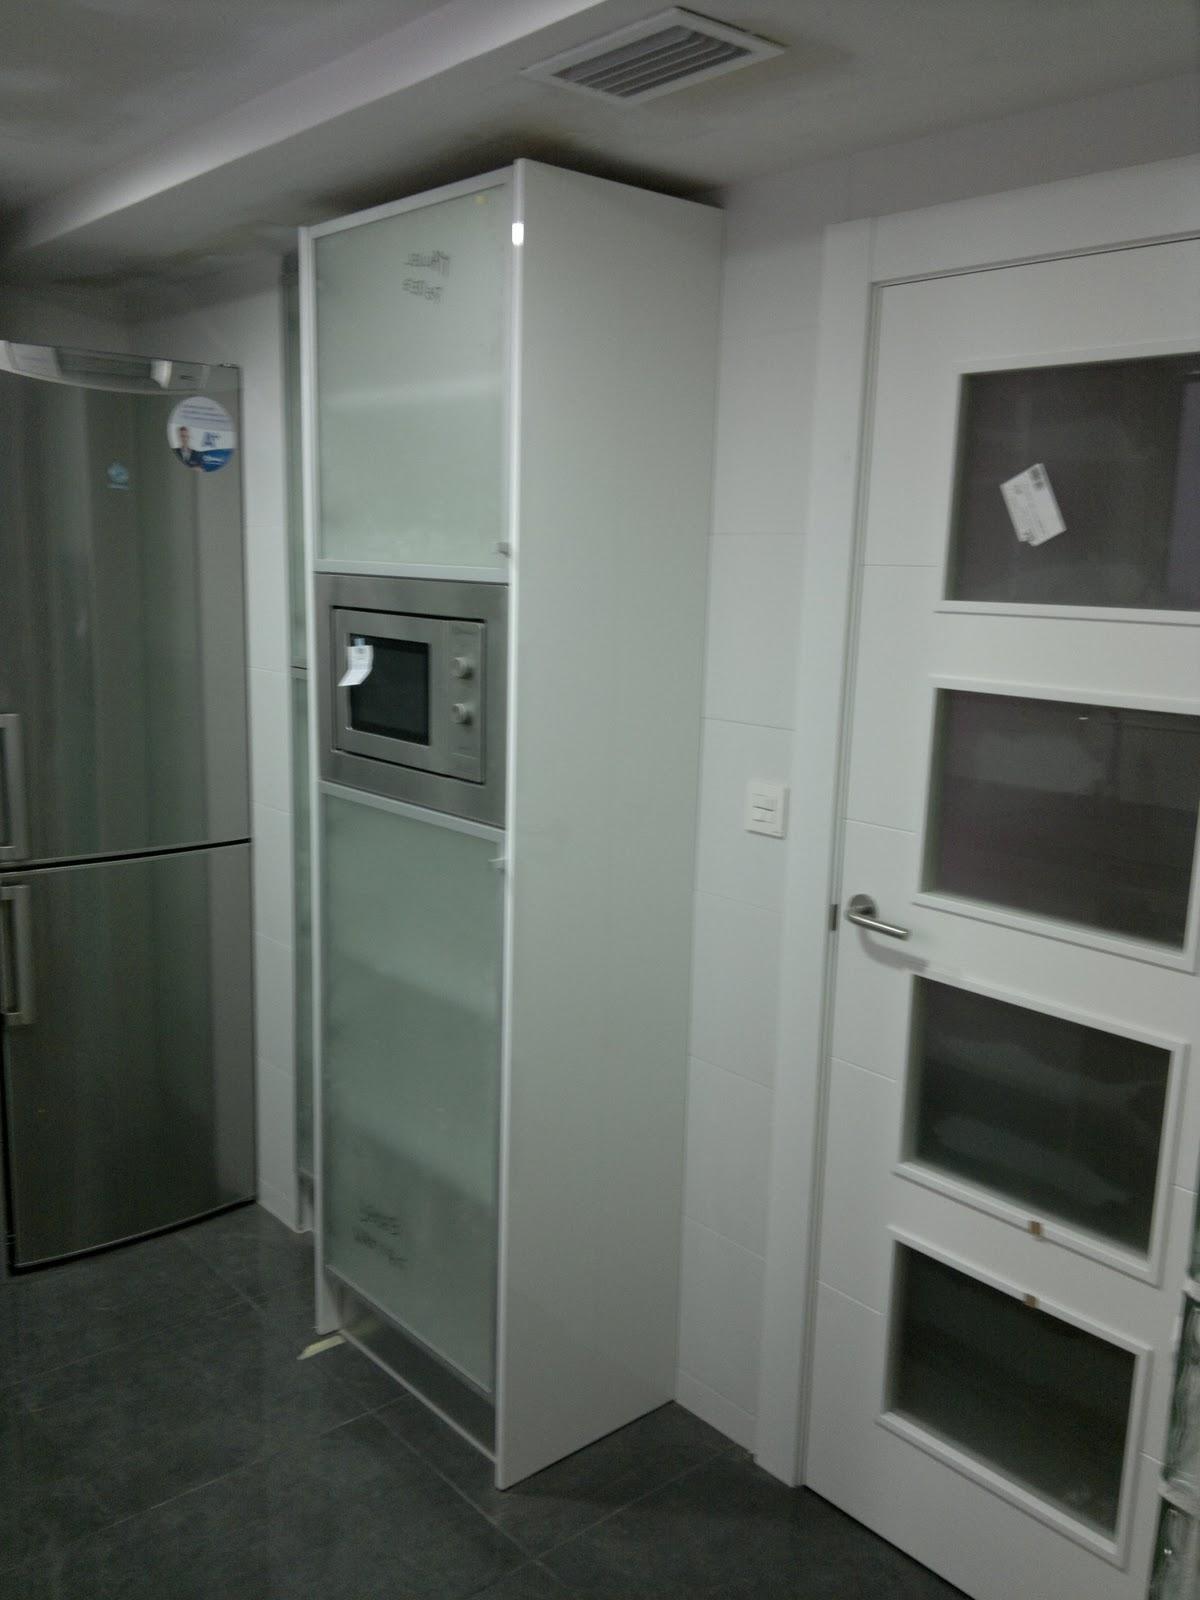 Ebanisteria carpinteria manuel perez zaragoza cocina for Muebles de cocina con puertas de cristal